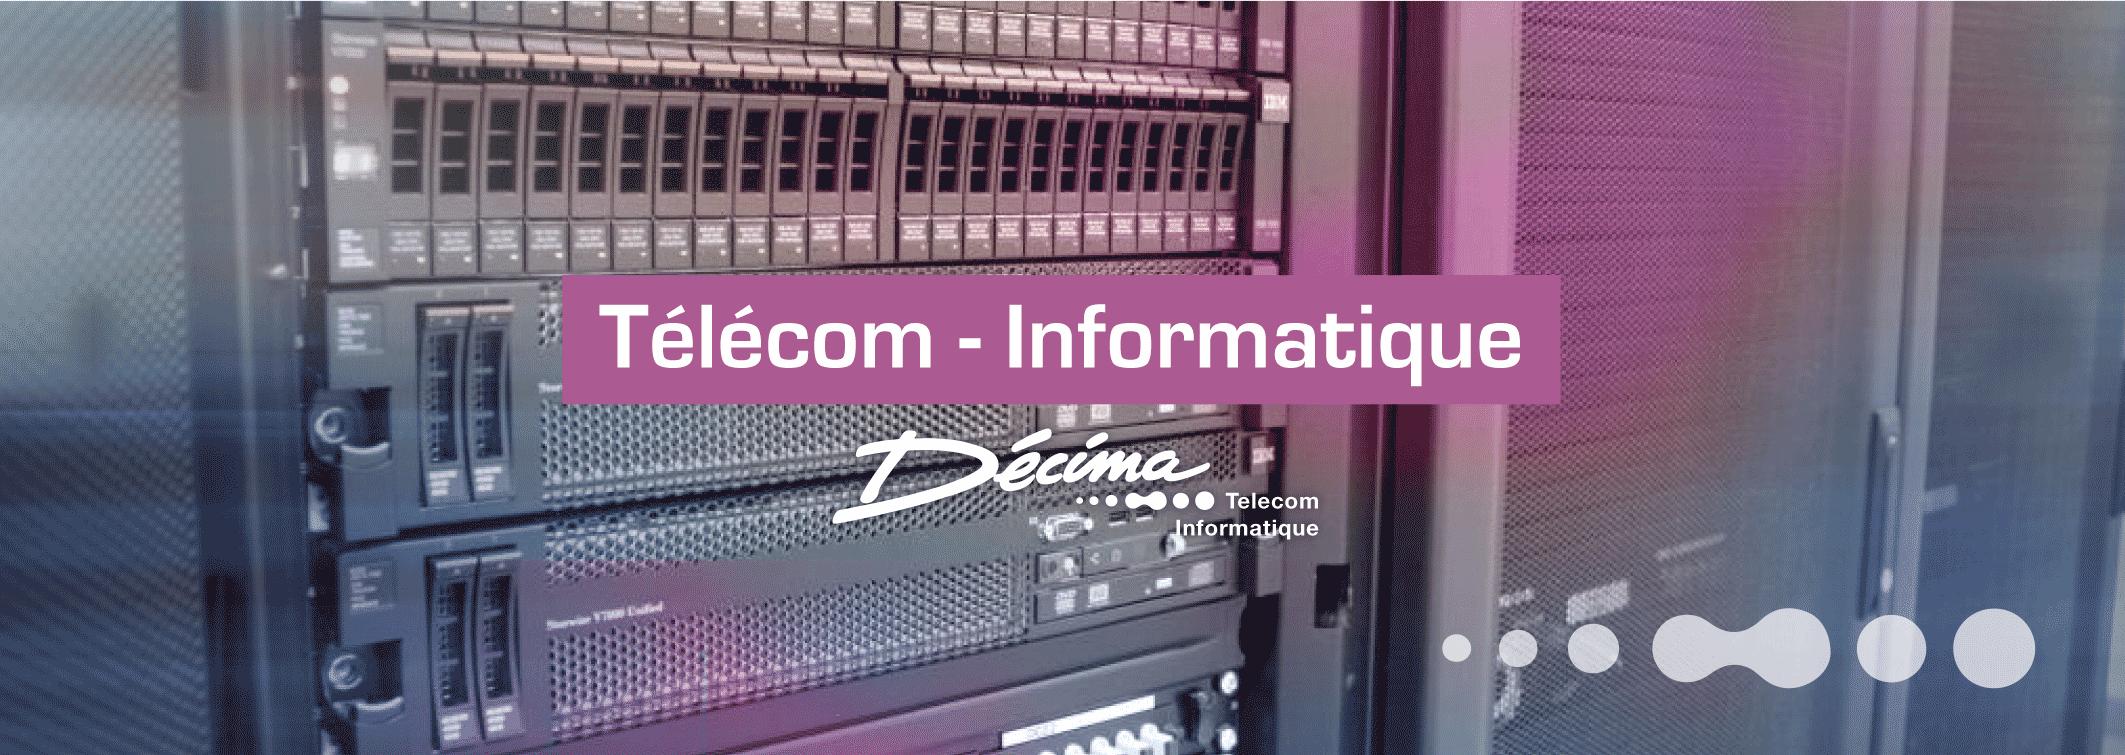 telecom-info